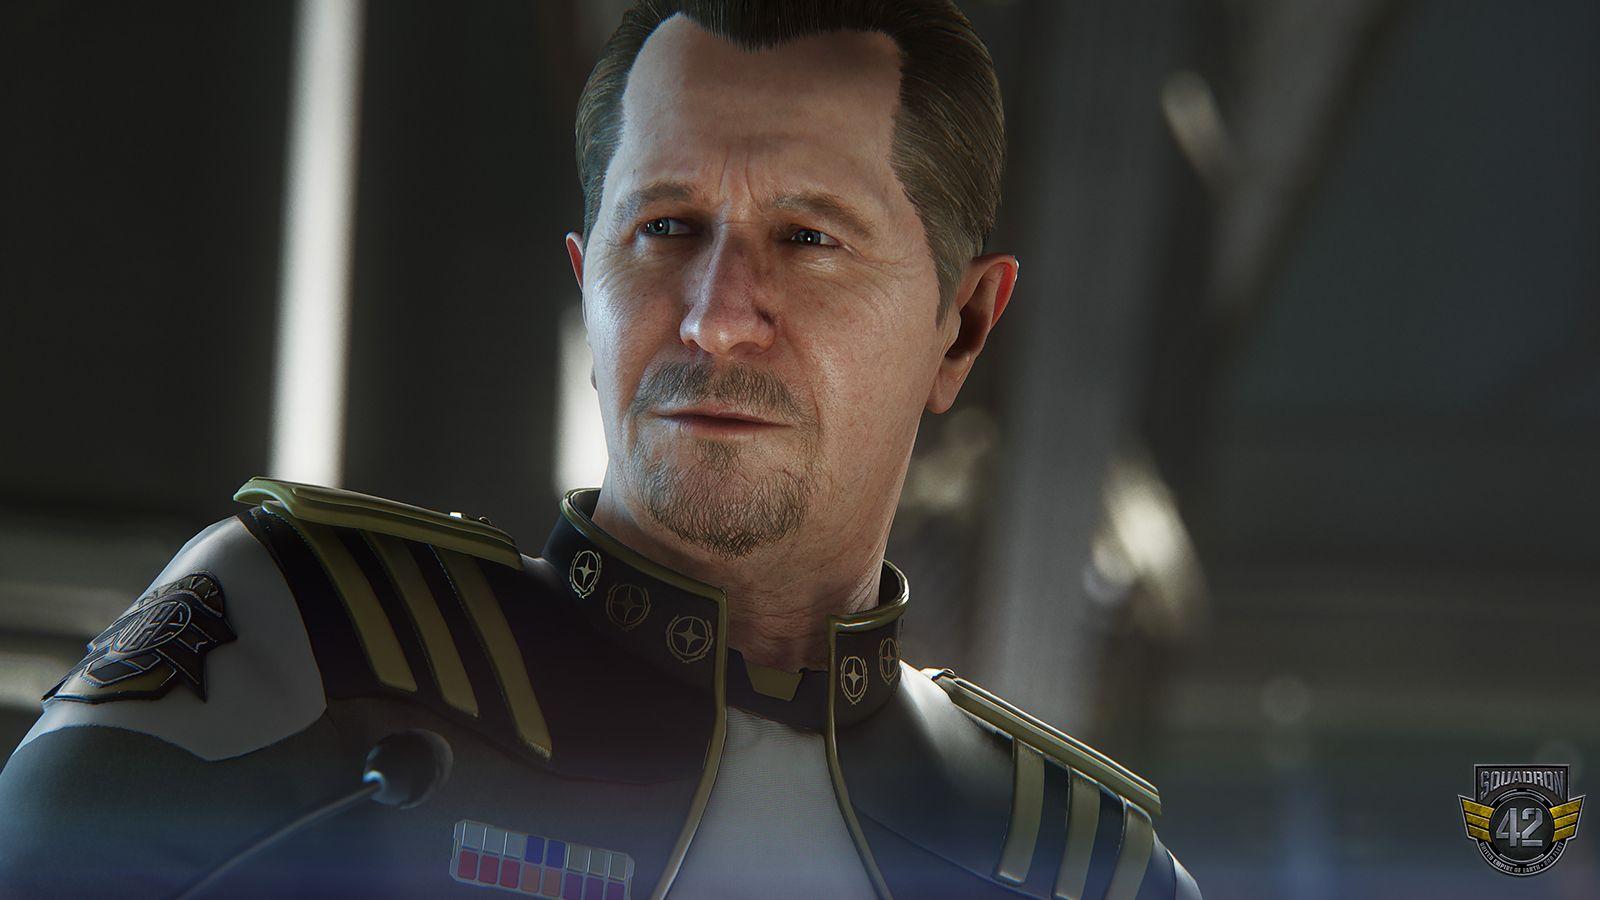 Star Citizen: Hat die Crytek-Krise Auswirkungen?